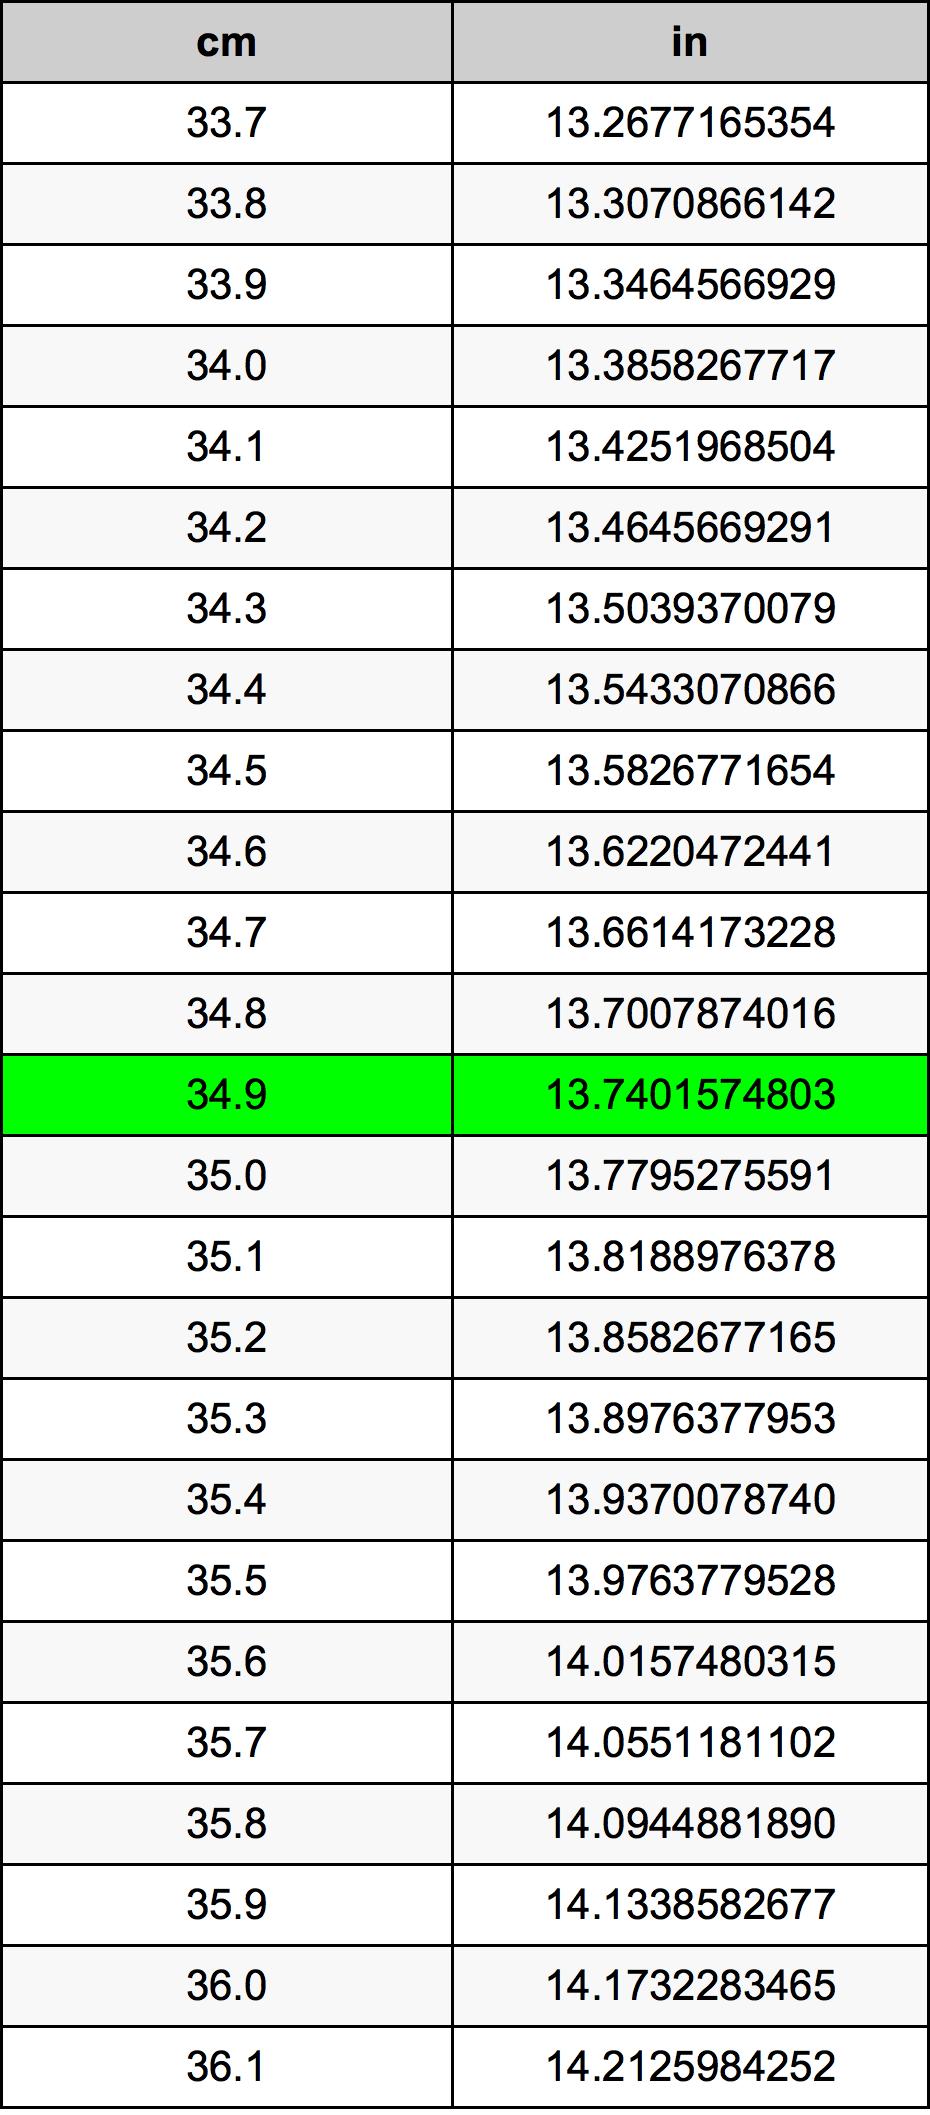 34.9厘米換算表